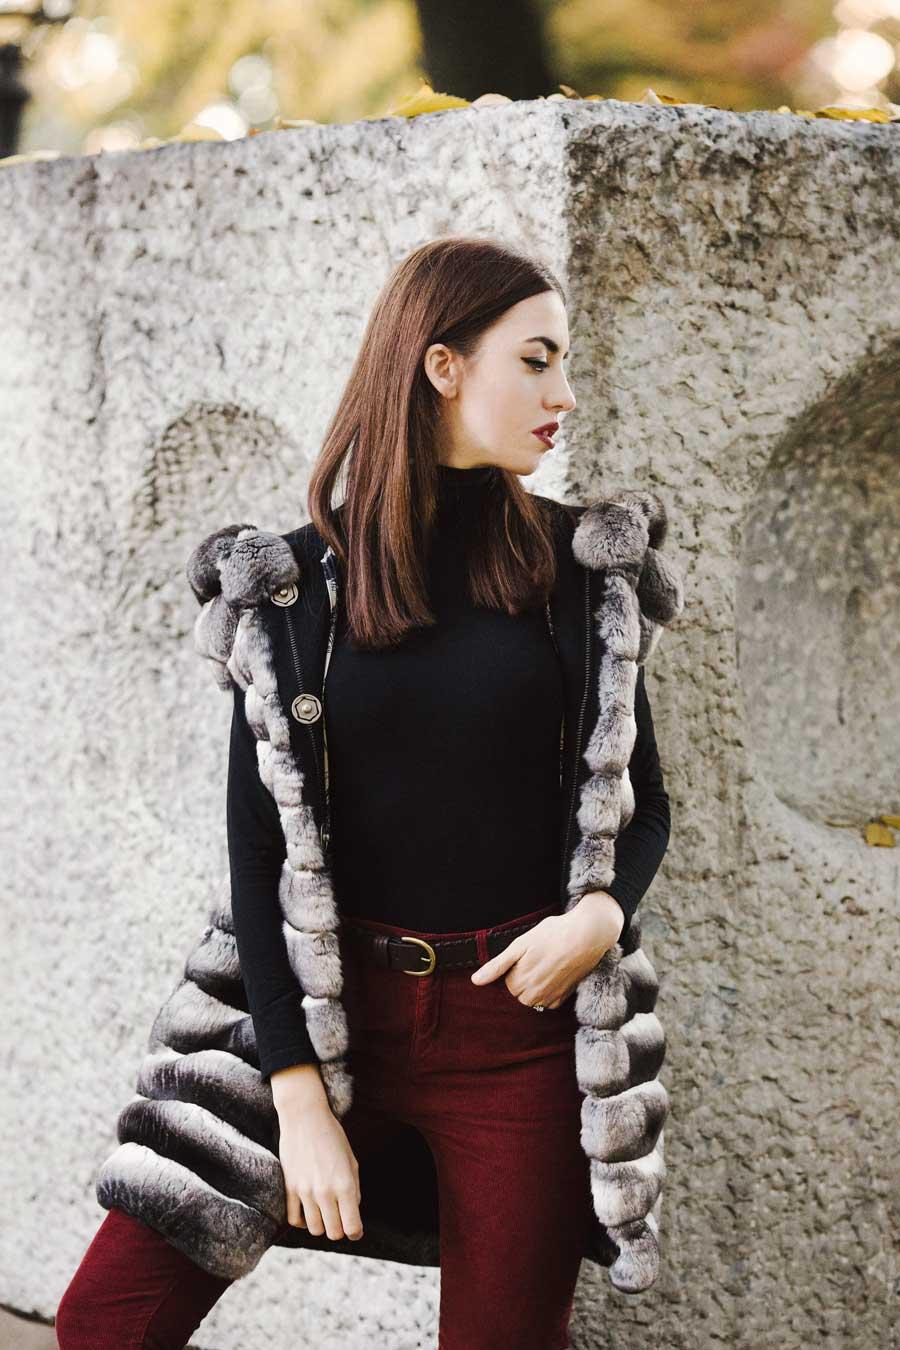 pelliccia cincillà indossata da lady fur